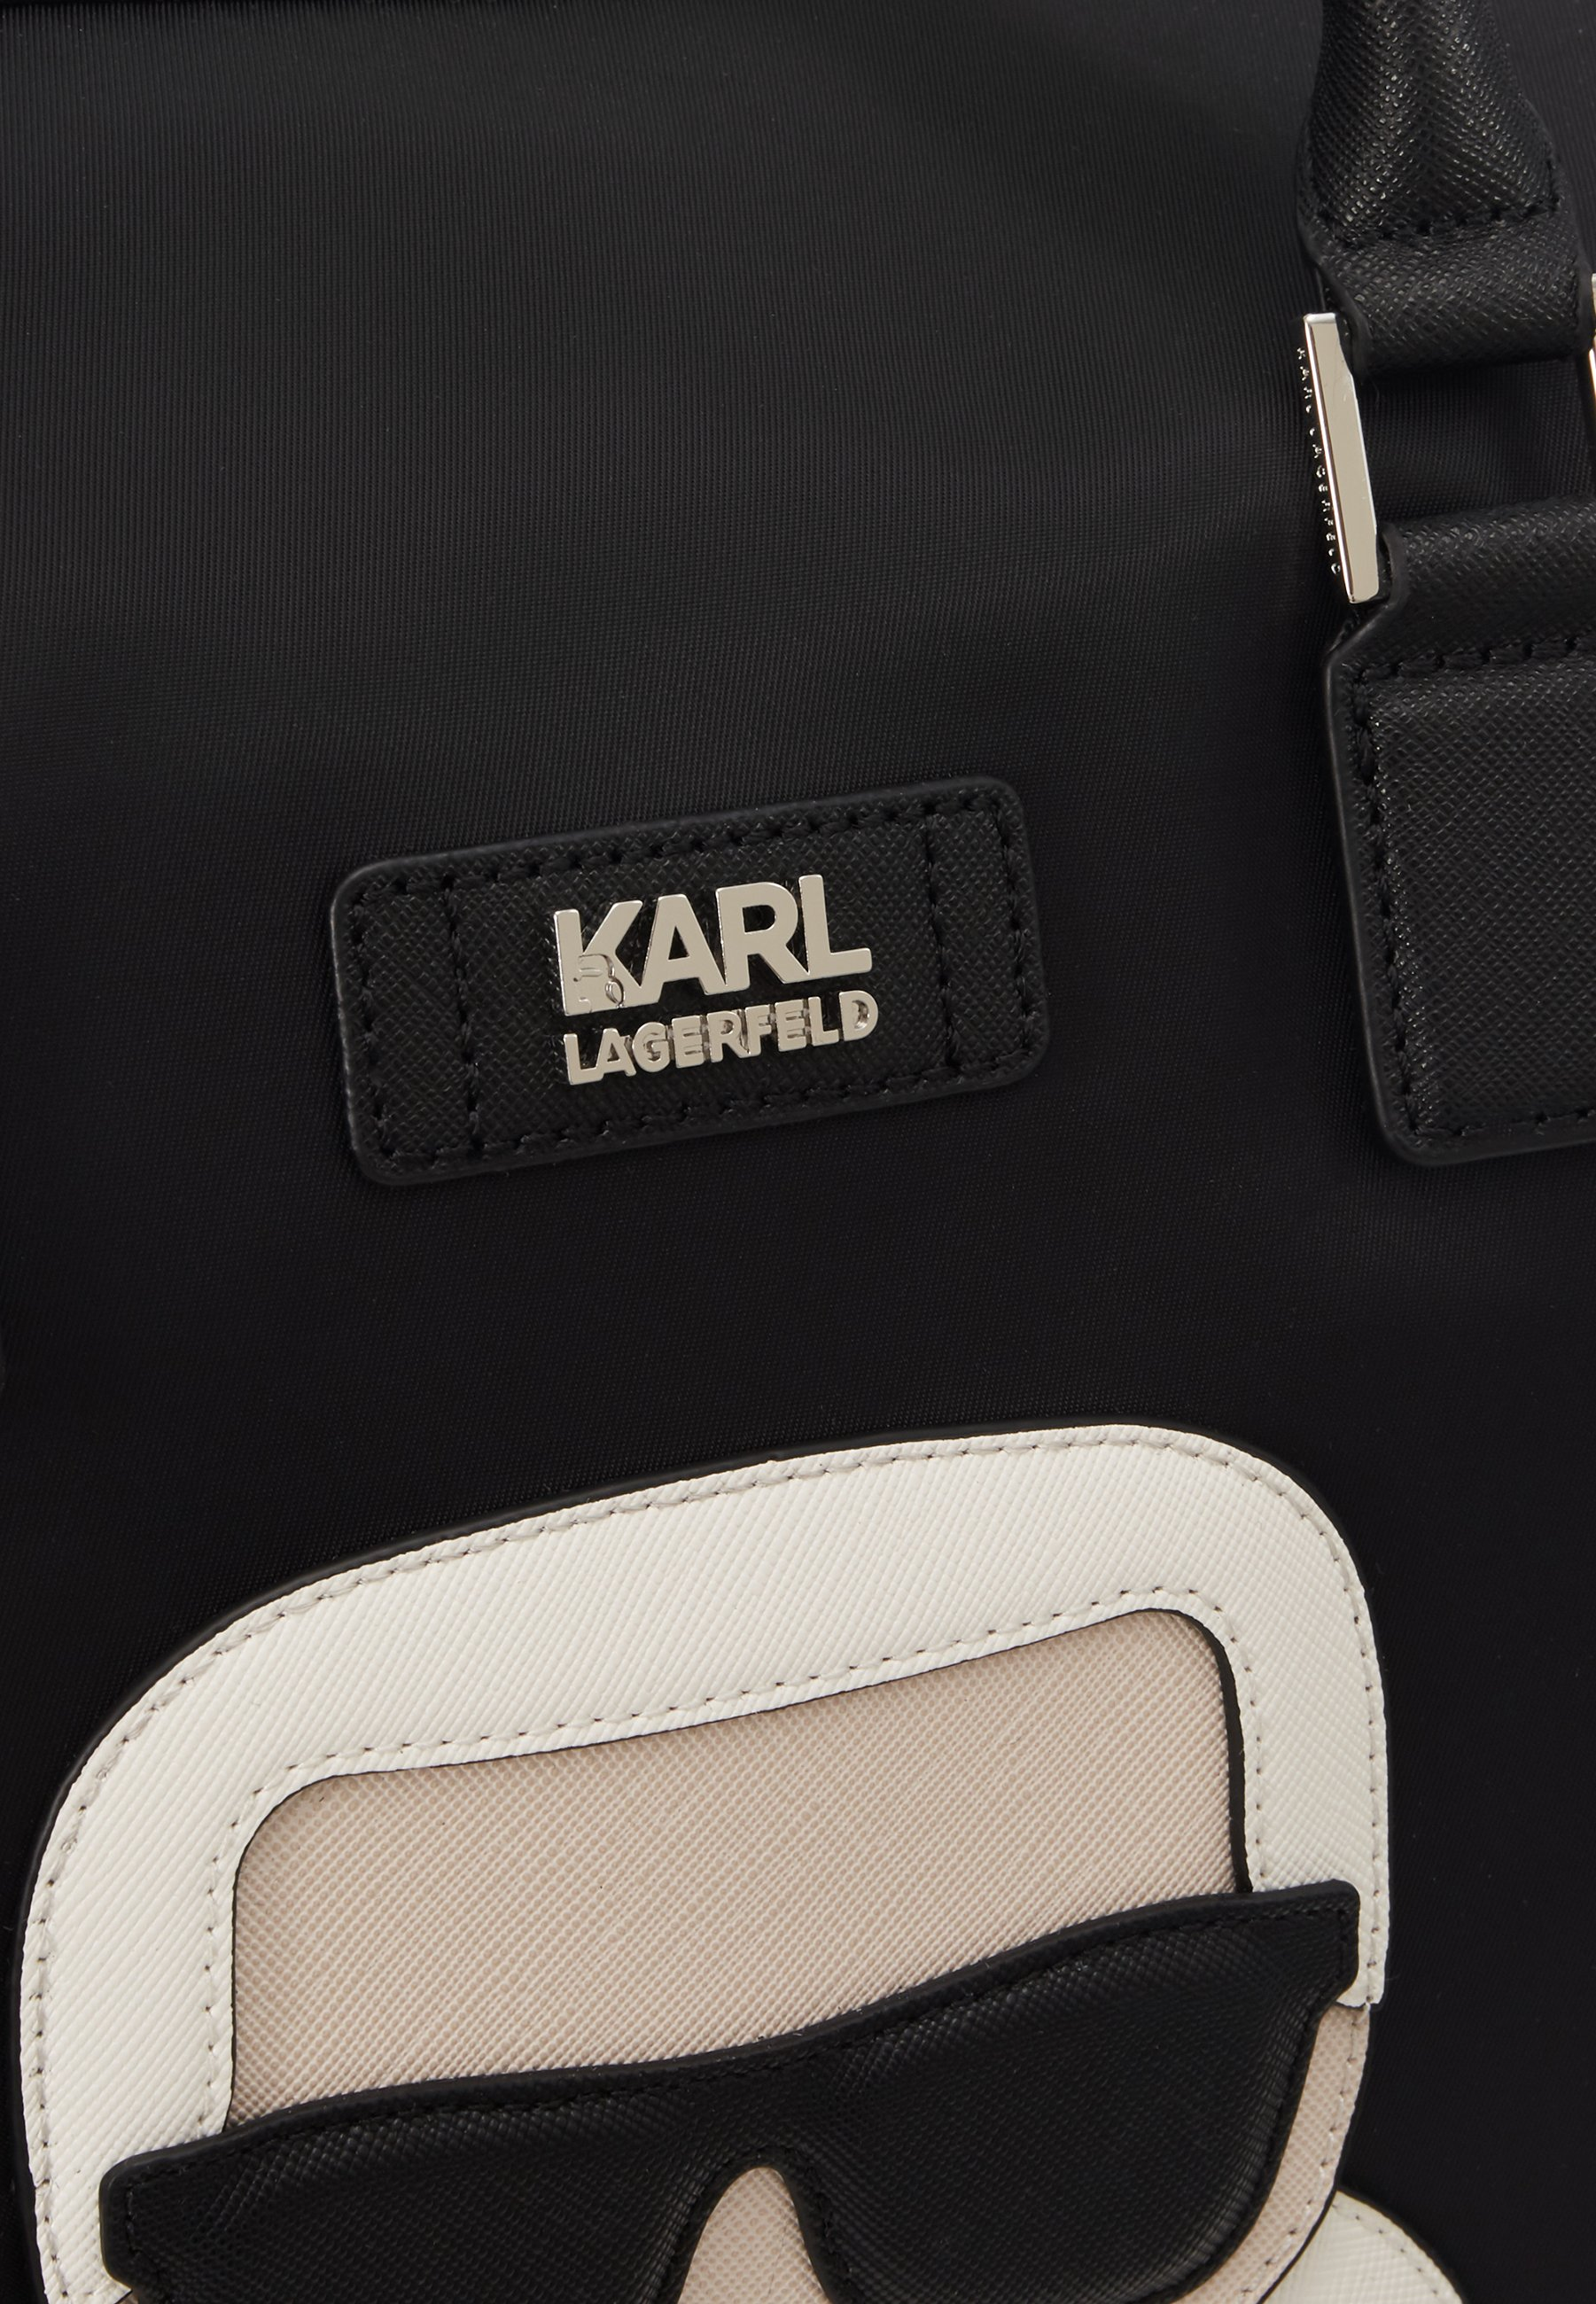 Karl Lagerfeld Ikonik - Sac Week-end Black